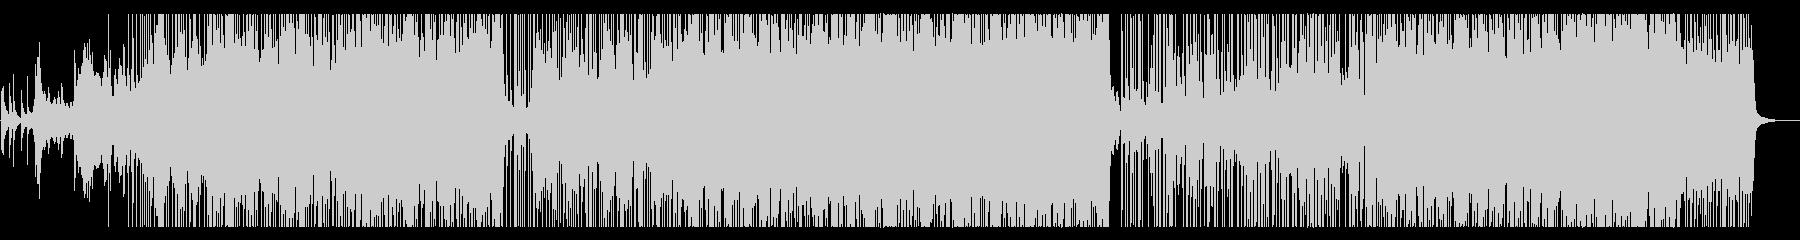 インストゥルメンタルオリエンタルシ...の未再生の波形